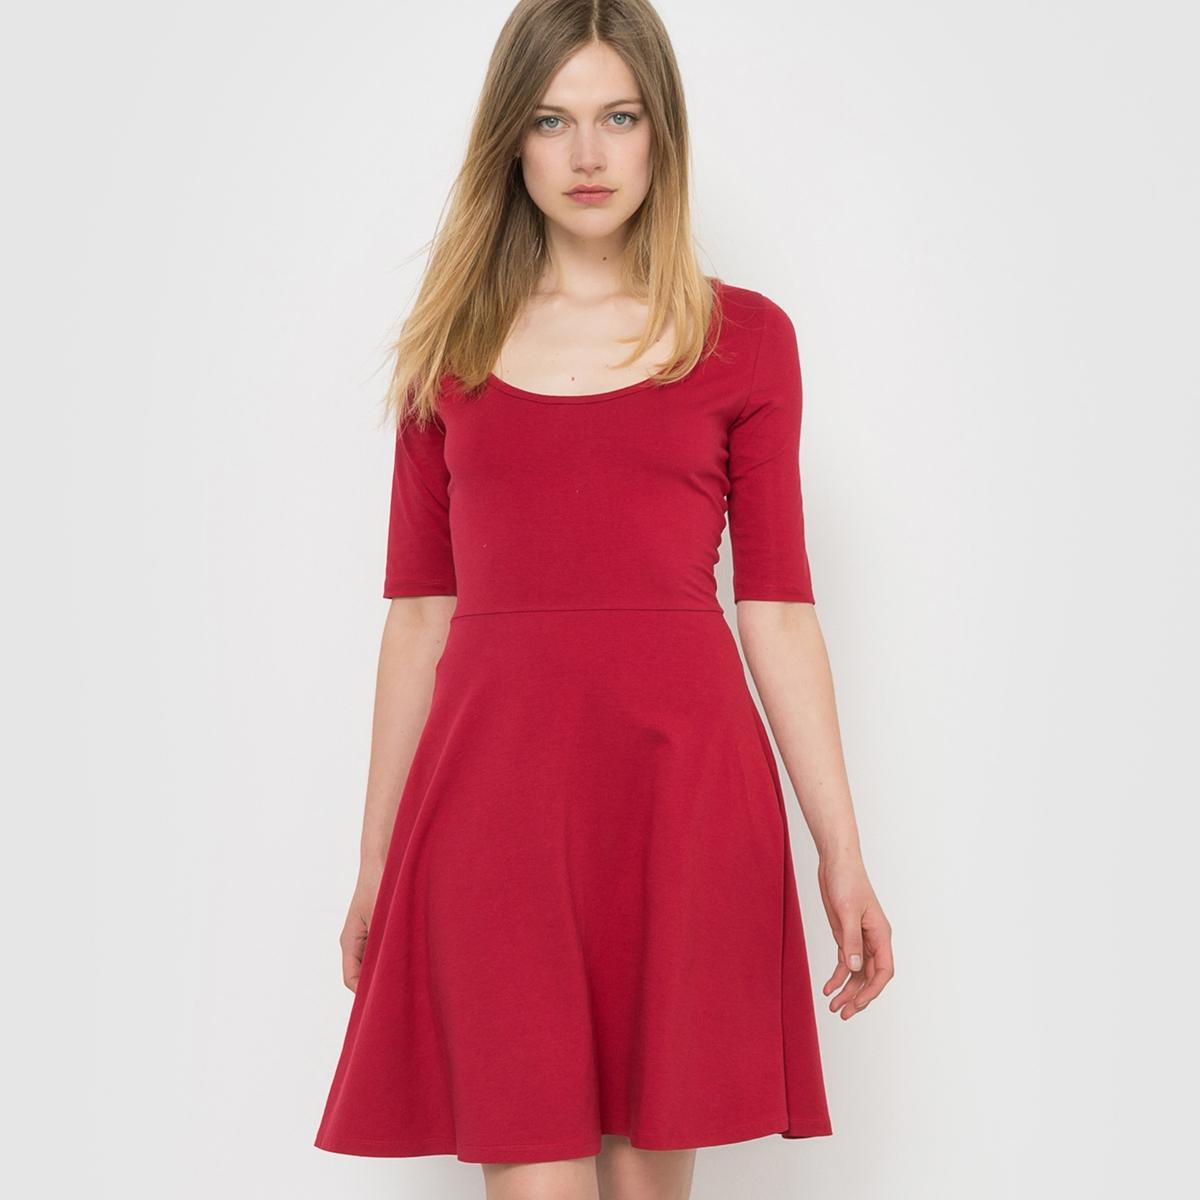 Платье трикотажное с рукавами 3/4Состав и описаниеМатериал: 95% хлопка, 5% эластана.Подкладка: -?Марка: R ?dition<br><br>Цвет: красный темный<br>Размер: 42/44 (FR) - 48/50 (RUS)